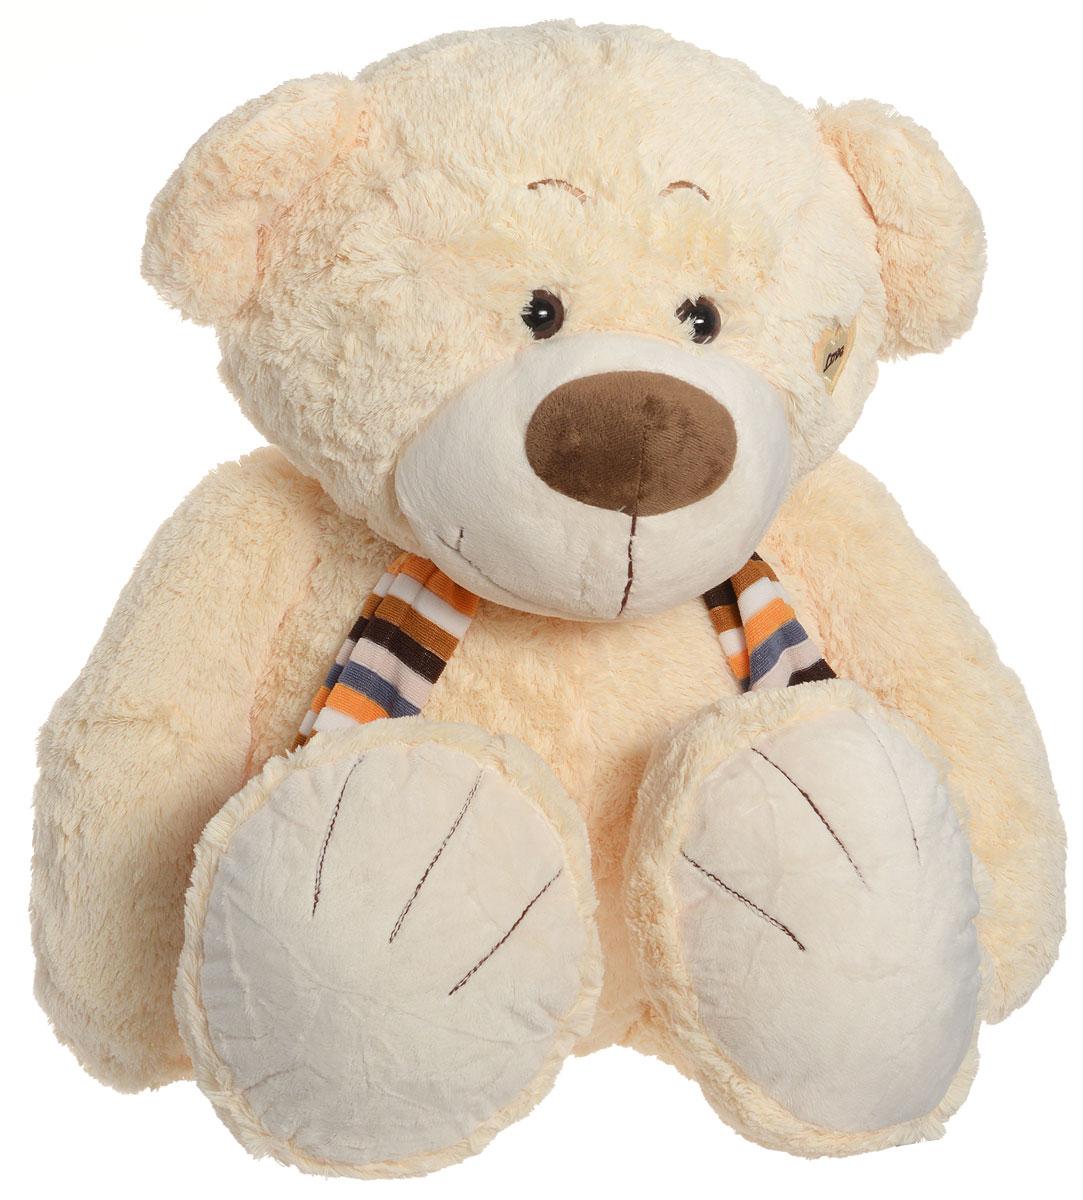 Magic Bear Toys Мягкая игрушка Медвежонок в шарфе цвет молочный 53 смSAL5217_молочныйМягкая игрушка Magic Bear Toys Медвежонок в шарфе, выполненная в виде очаровательного мишки в шарфике в полоску. Игрушка вызовет умиление и улыбку у каждого, кто ее увидит. У медвежонка пластиковые глазки, вышитые брови и аппликации в виде сердечек. Удивительно мягкая игрушка принесет радость и подарит своему обладателю мгновения нежных объятий и приятных воспоминаний. Она выполнена из экологически чистых материалов. Великолепное качество исполнения делают эту игрушку чудесным подарком к любому празднику.